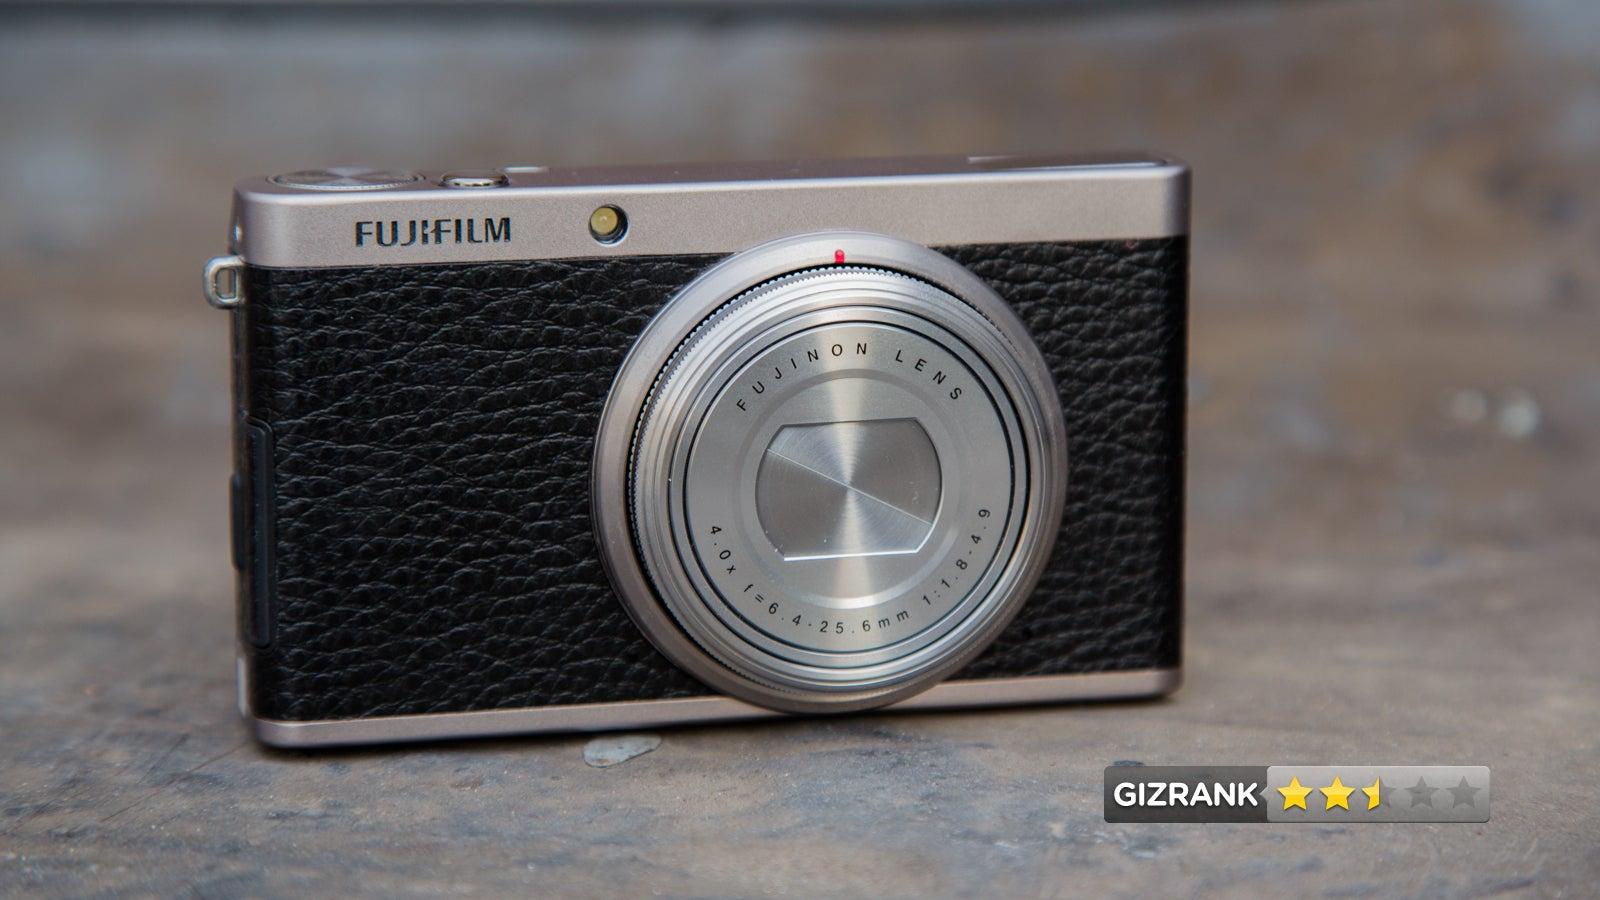 fujifilm xf1 review clever design that will drive you crazy rh gizmodo com Fujifilm FinePix S4200 Fujifilm FinePix S4200